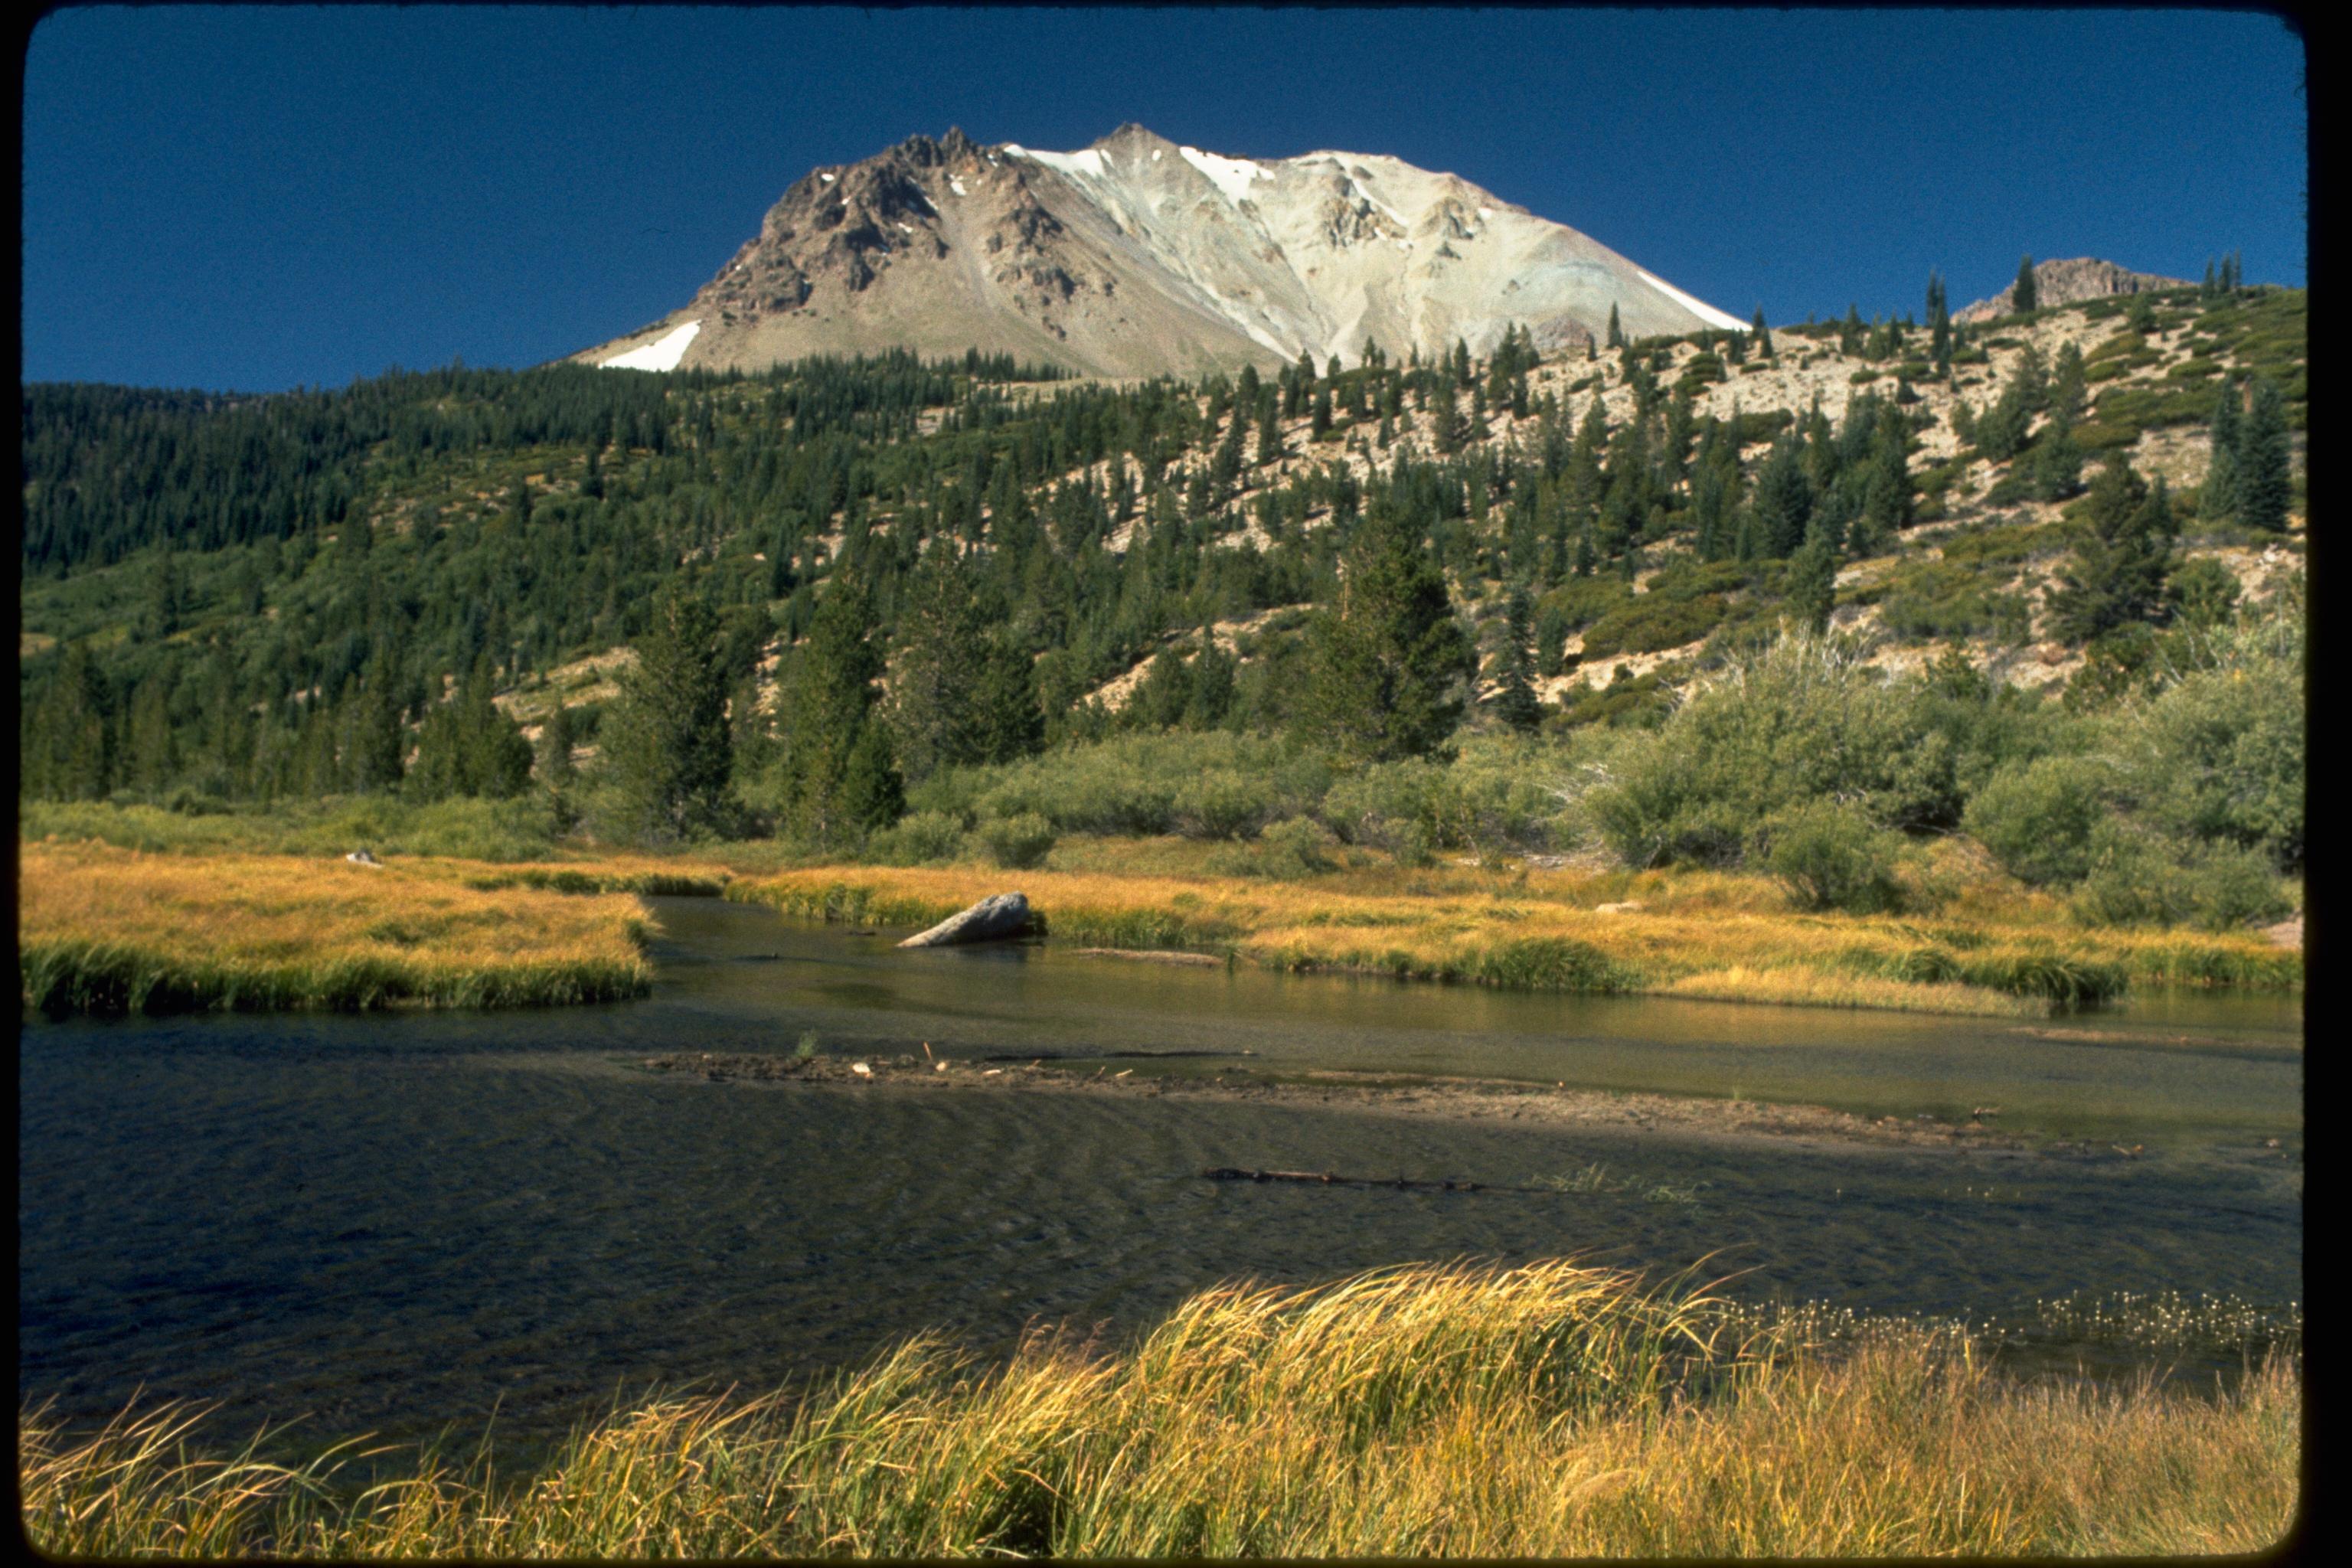 Lassen Volcanic National Park Map, Filelassen Volcanic National Park Lavo3300 Jpg, Lassen Volcanic National Park Map